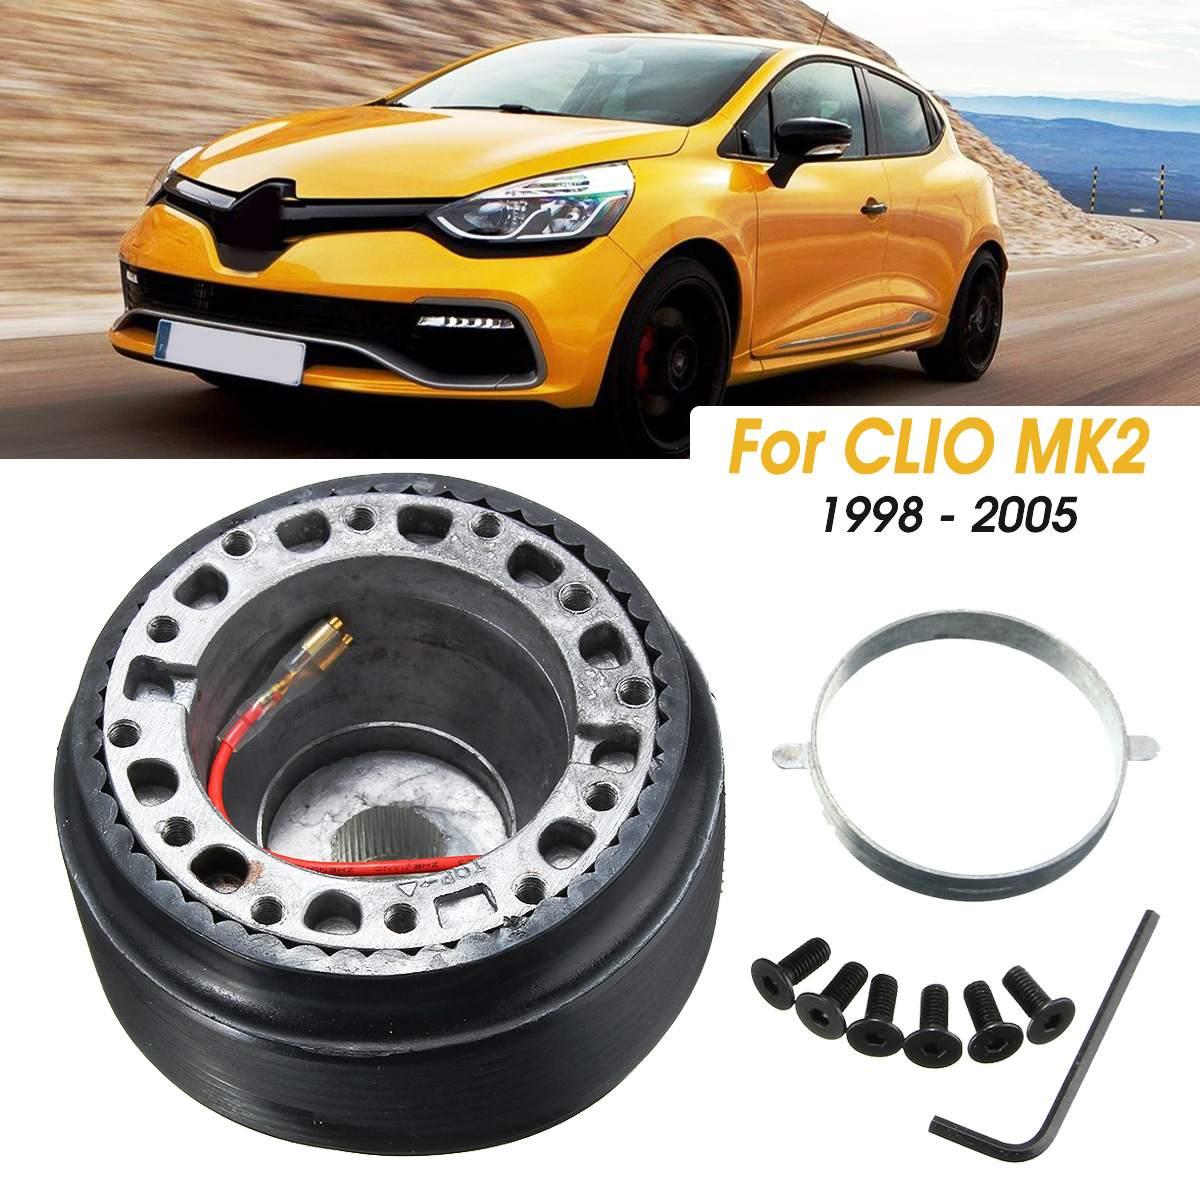 Руль гоночный концентратор адаптер Босс комплект подходит для Renault CLIO MK2 1998 1999 2000 20001 2002 2003 2004 2005